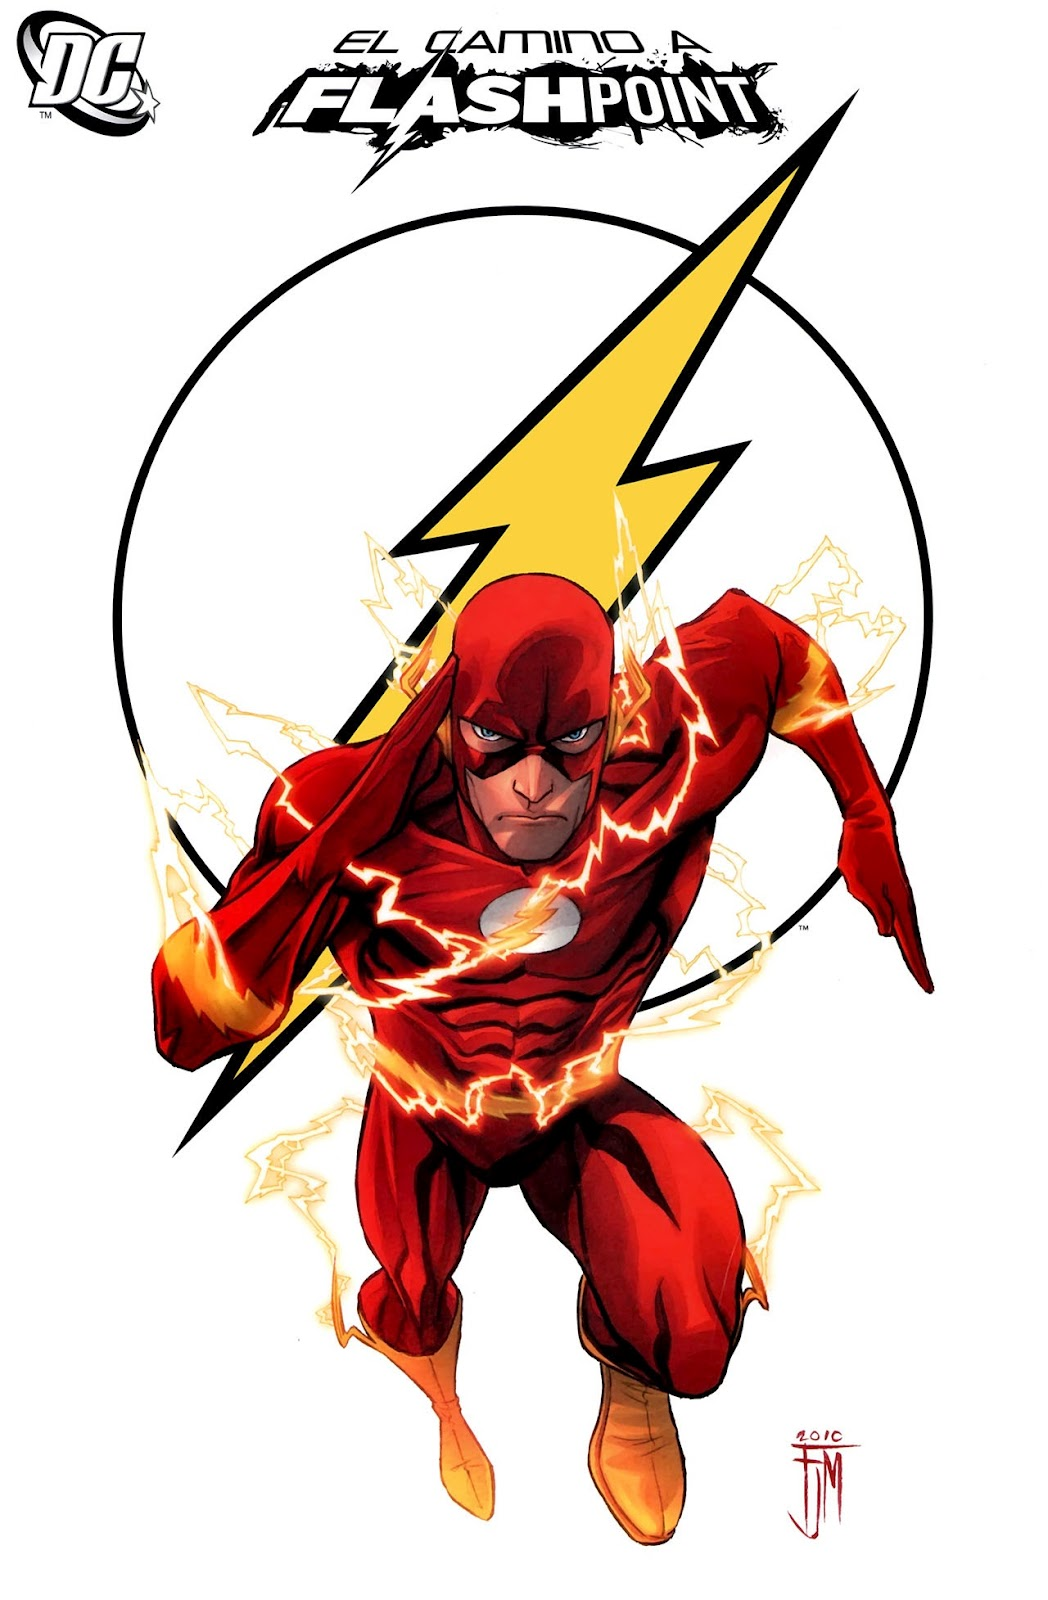 Otro blog más de cómics ... porque sí ...: Flash: El camino a Flashpoint